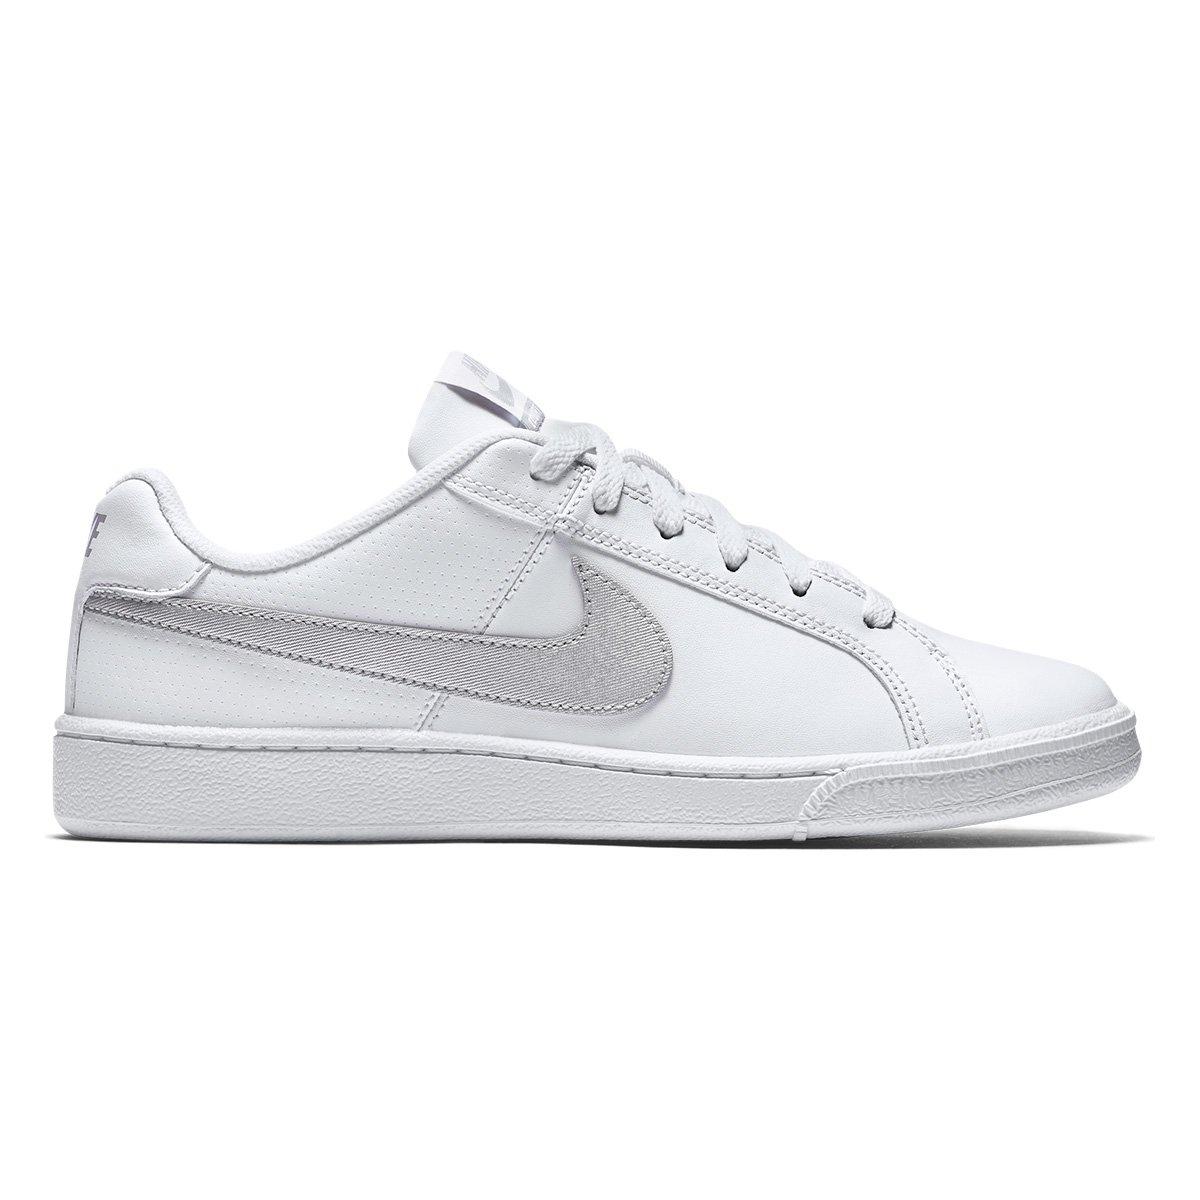 cc212904c77 Tênis Couro Nike Court Royale Feminino - Branco e prata - Compre Agora